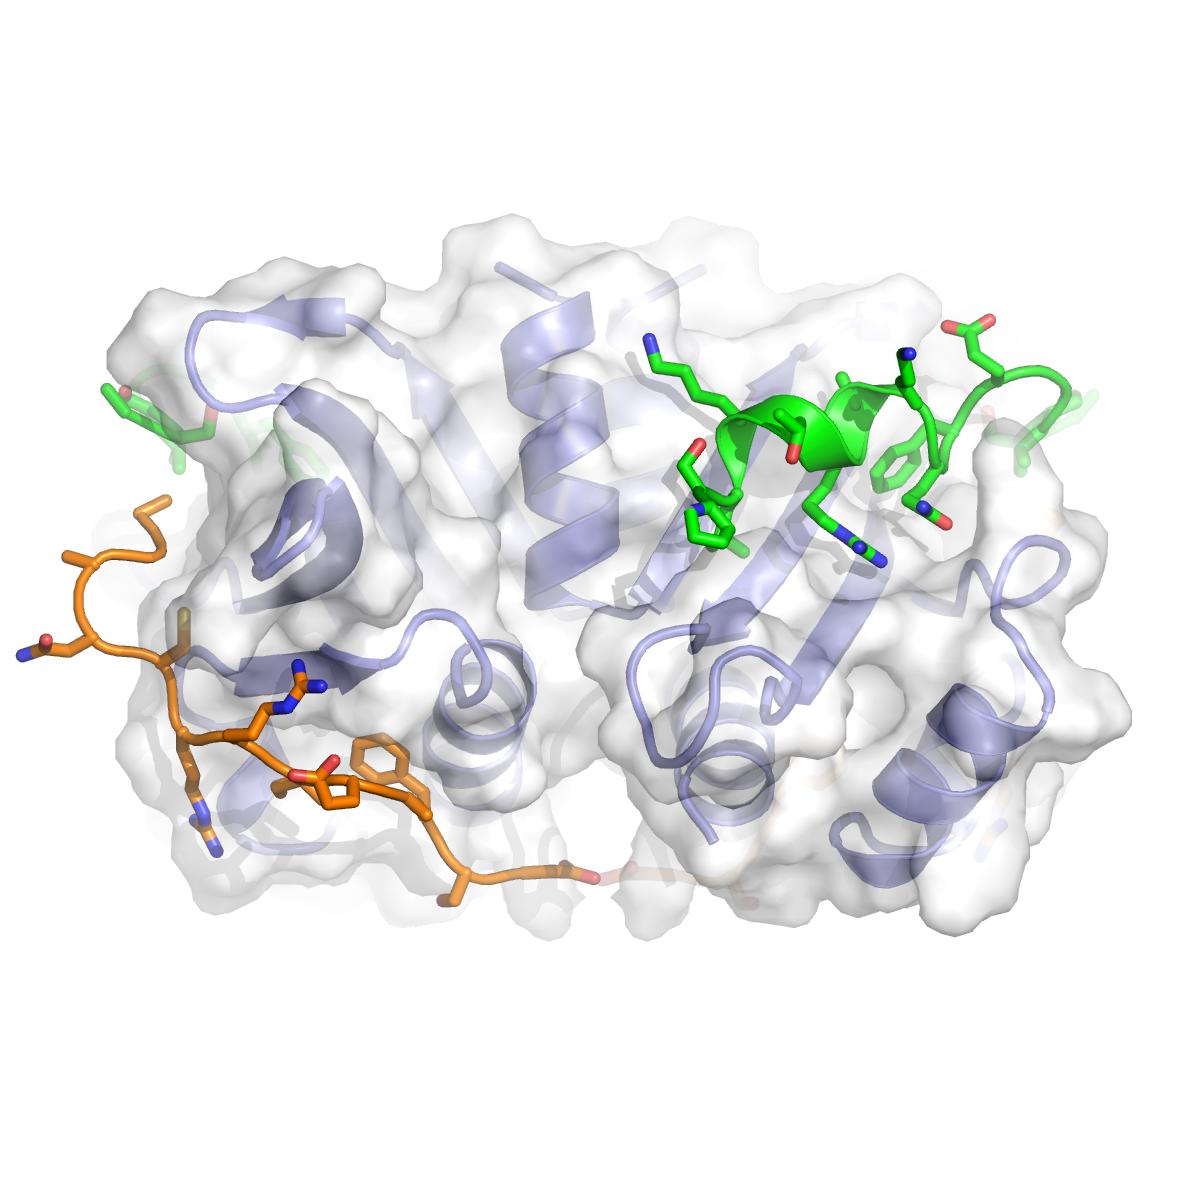 Budding-yeast Csm1-Ulp2-Tof2